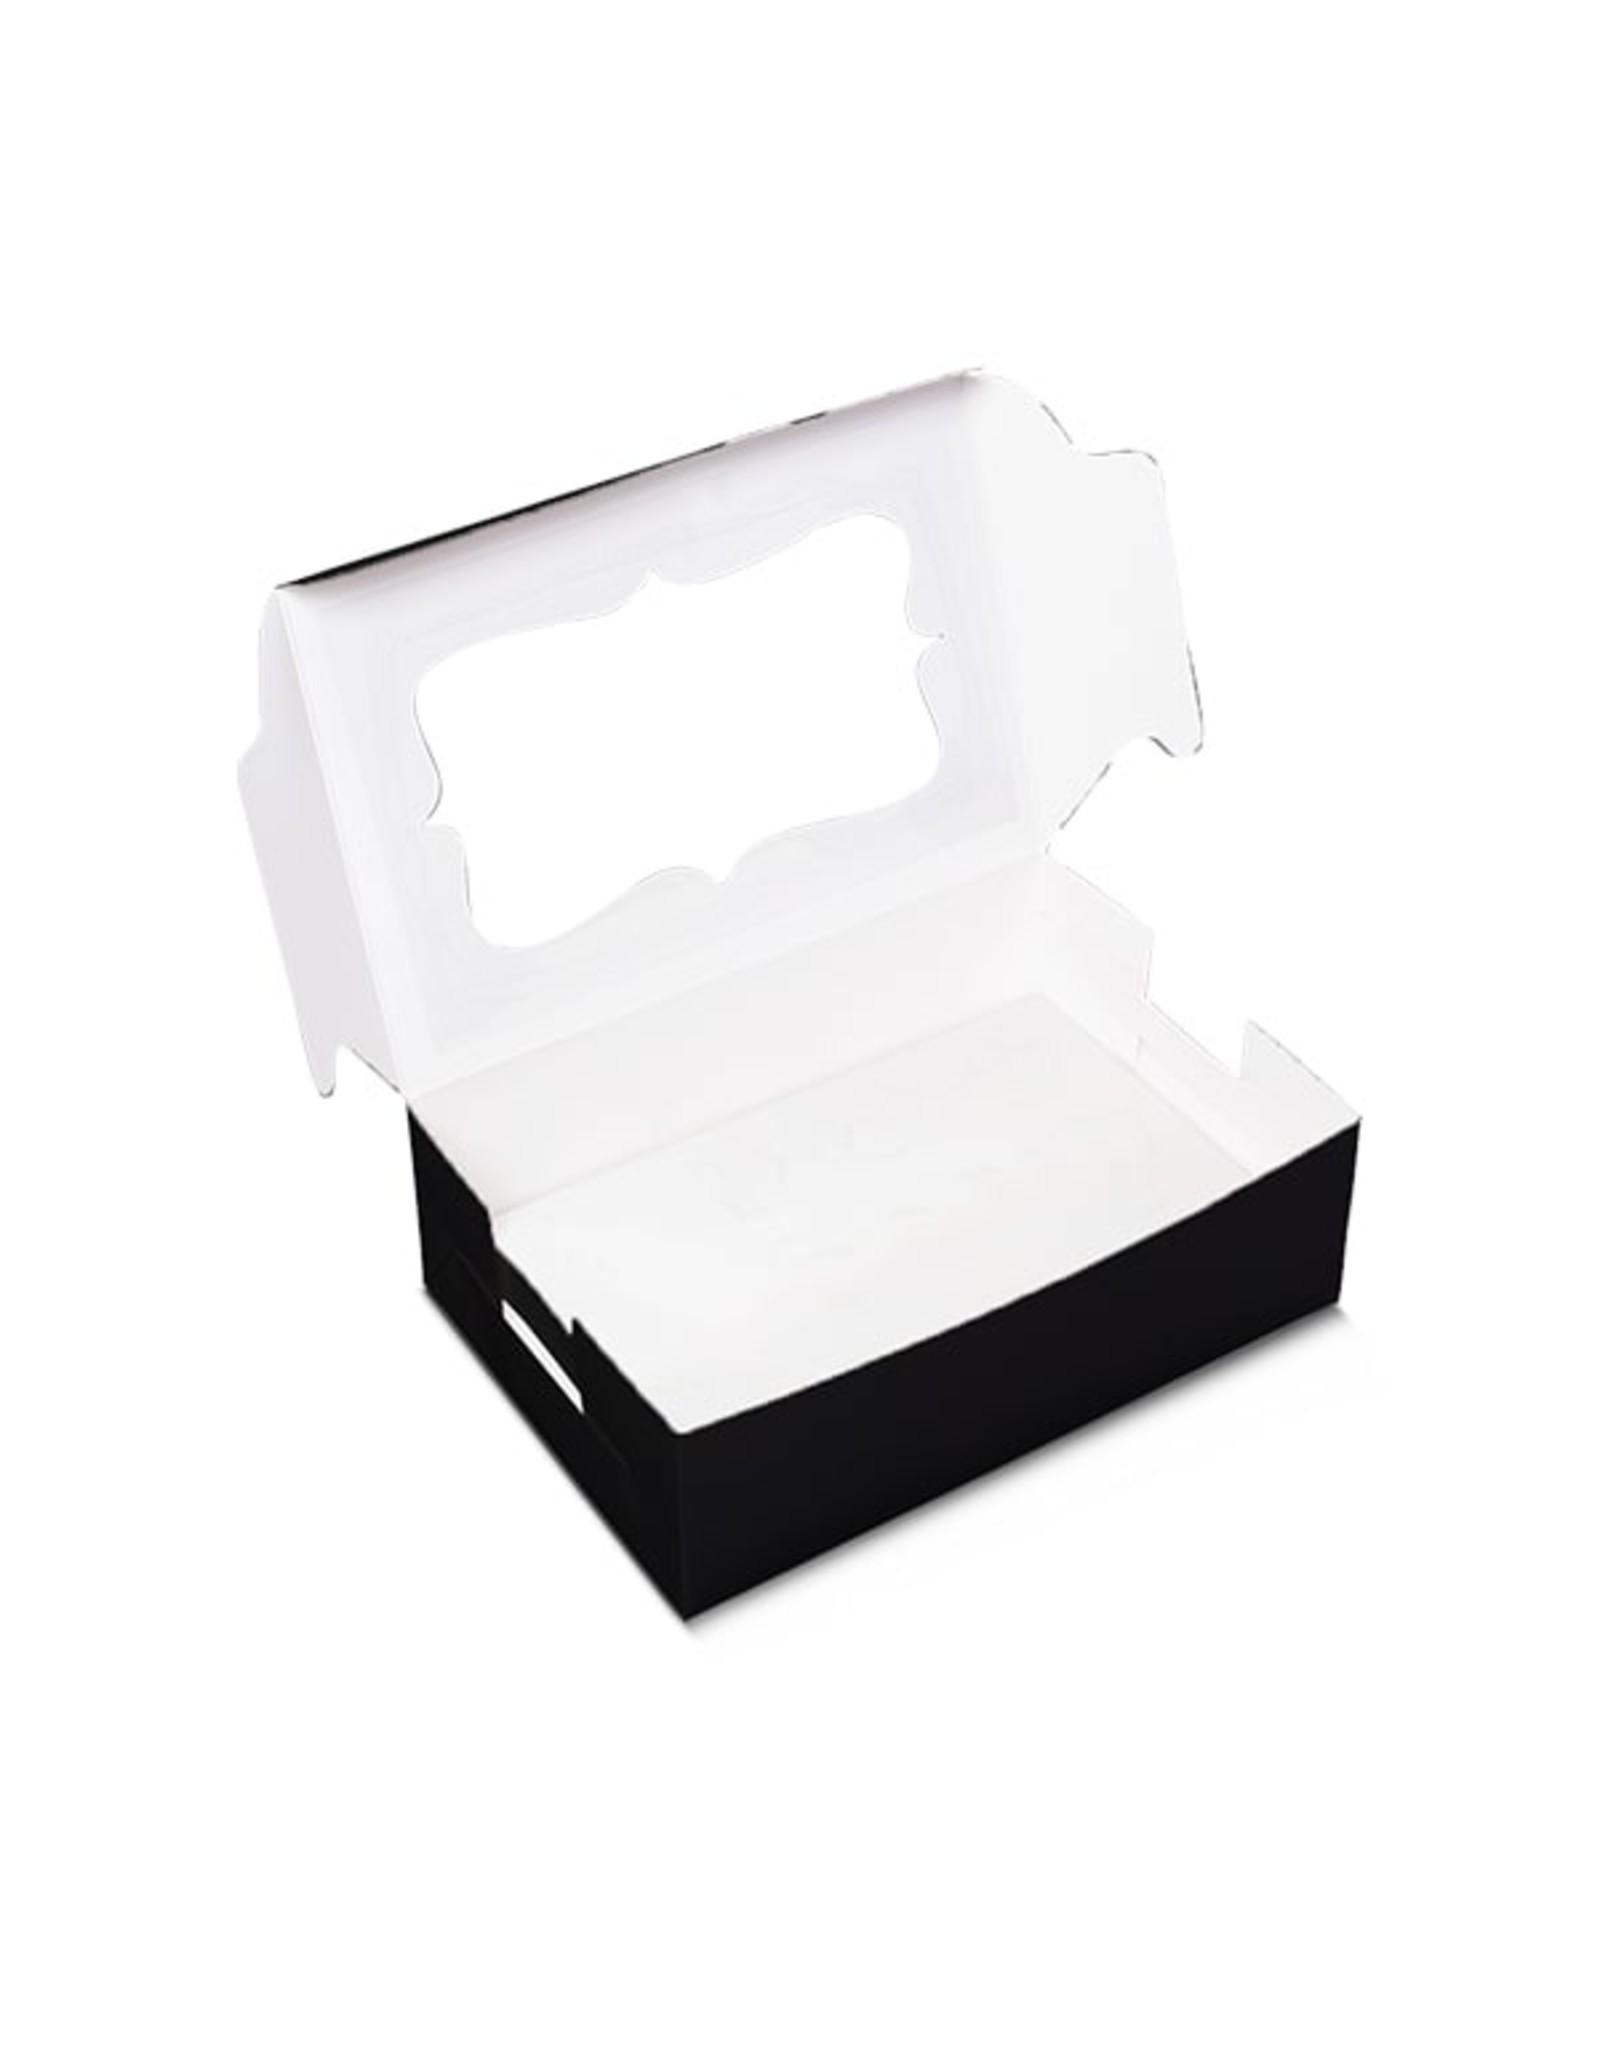 Zwarte doos voor 6 cupcakes (per 10 stuks)